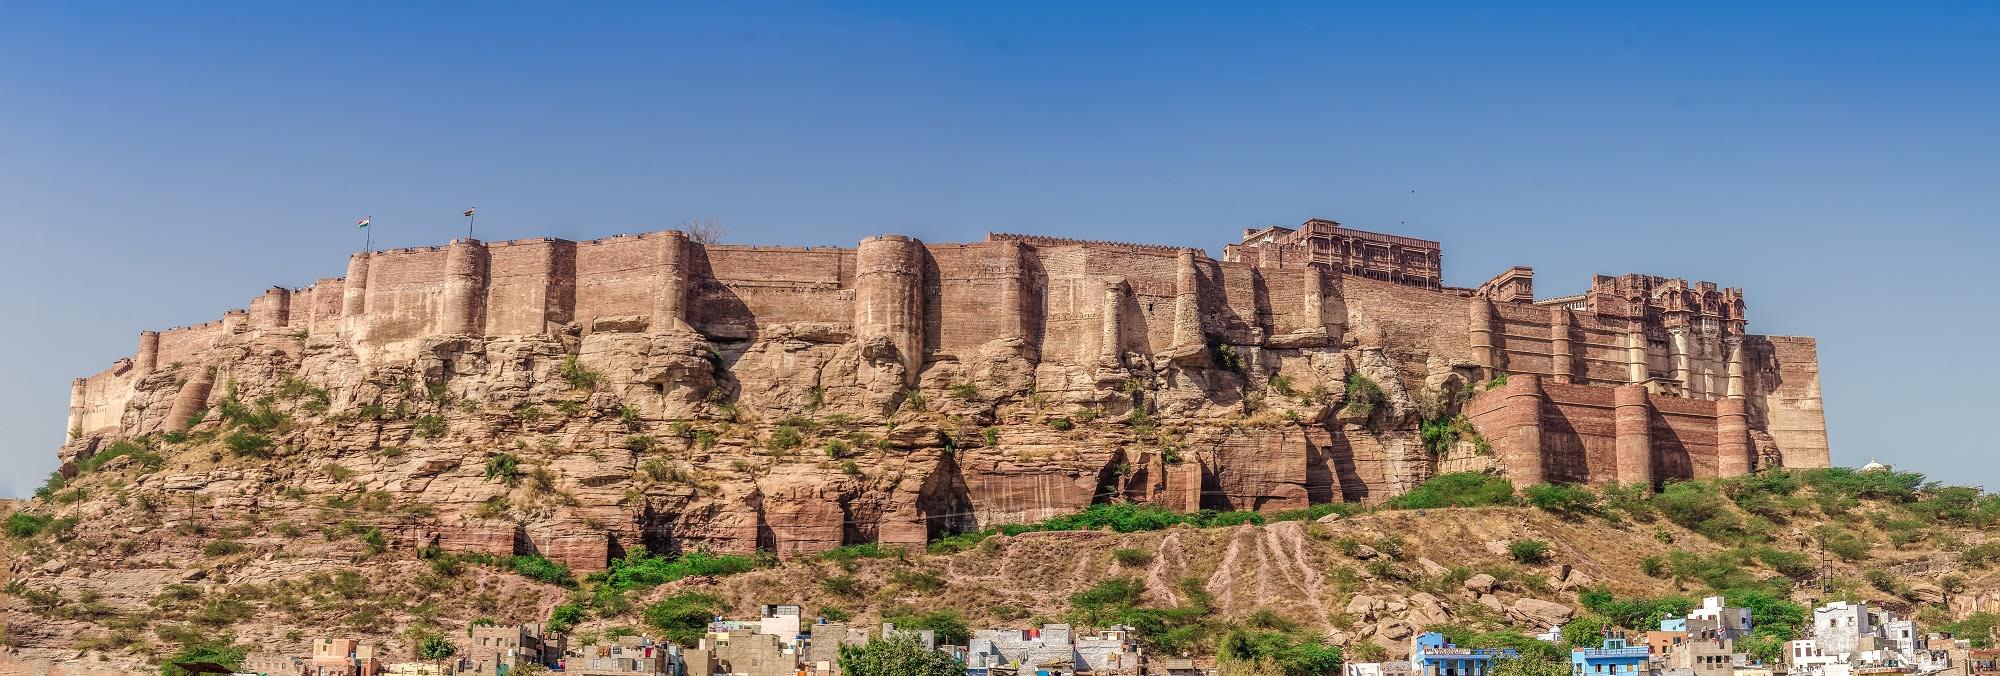 Jodhpur fort view from Jee Ri Haveli Hotel